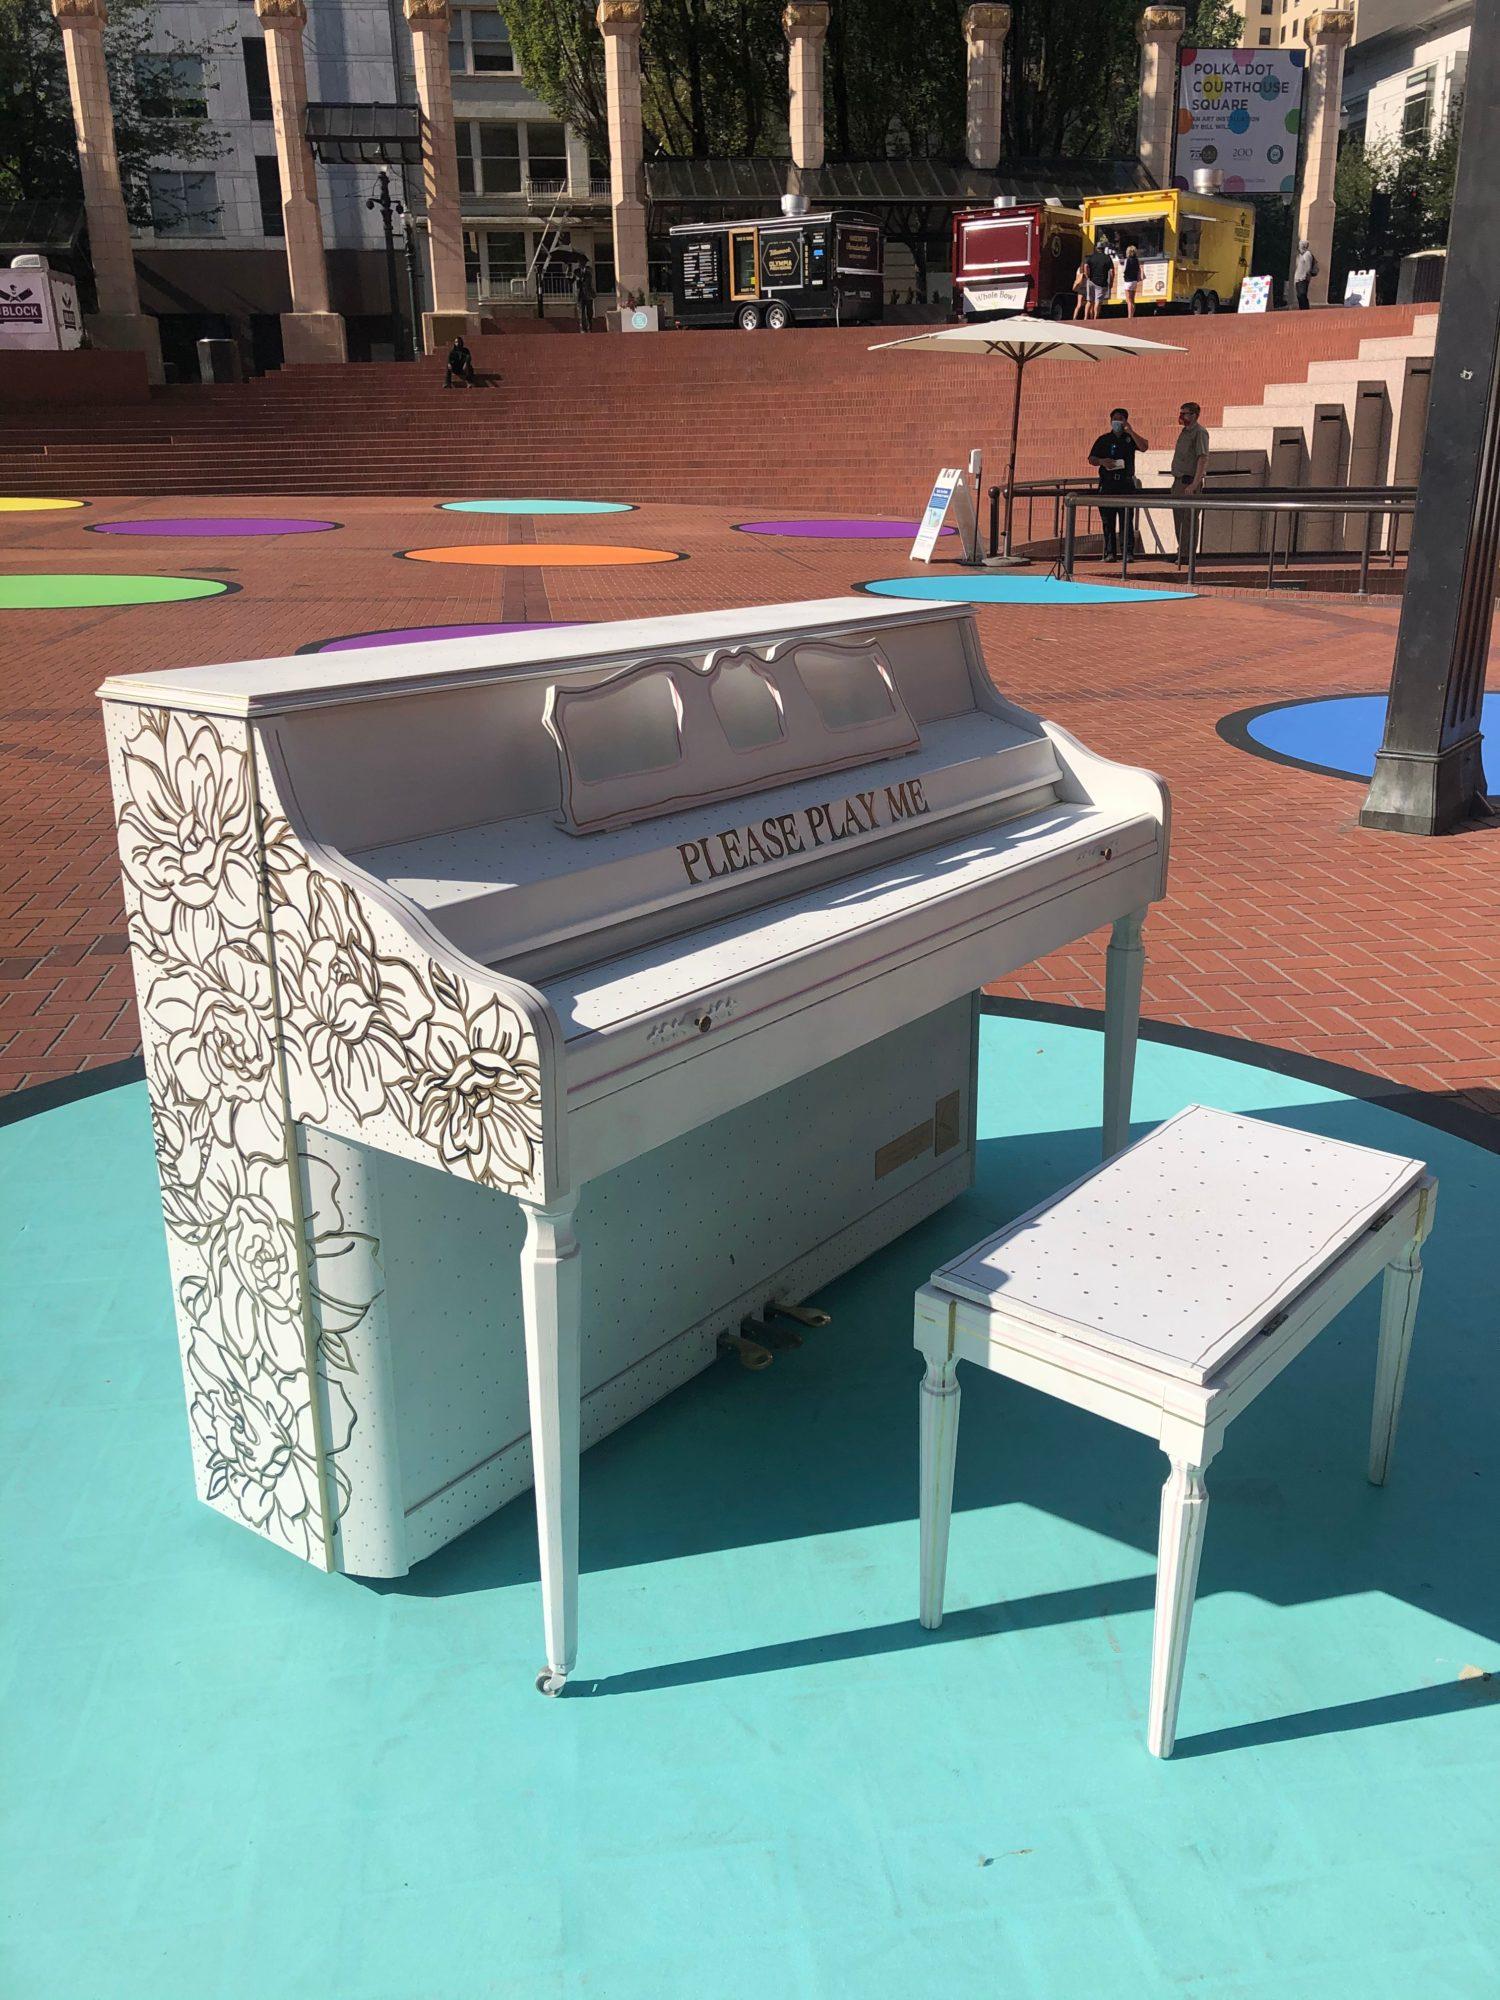 Piano Push Play at Polka Dot Courthouse Square